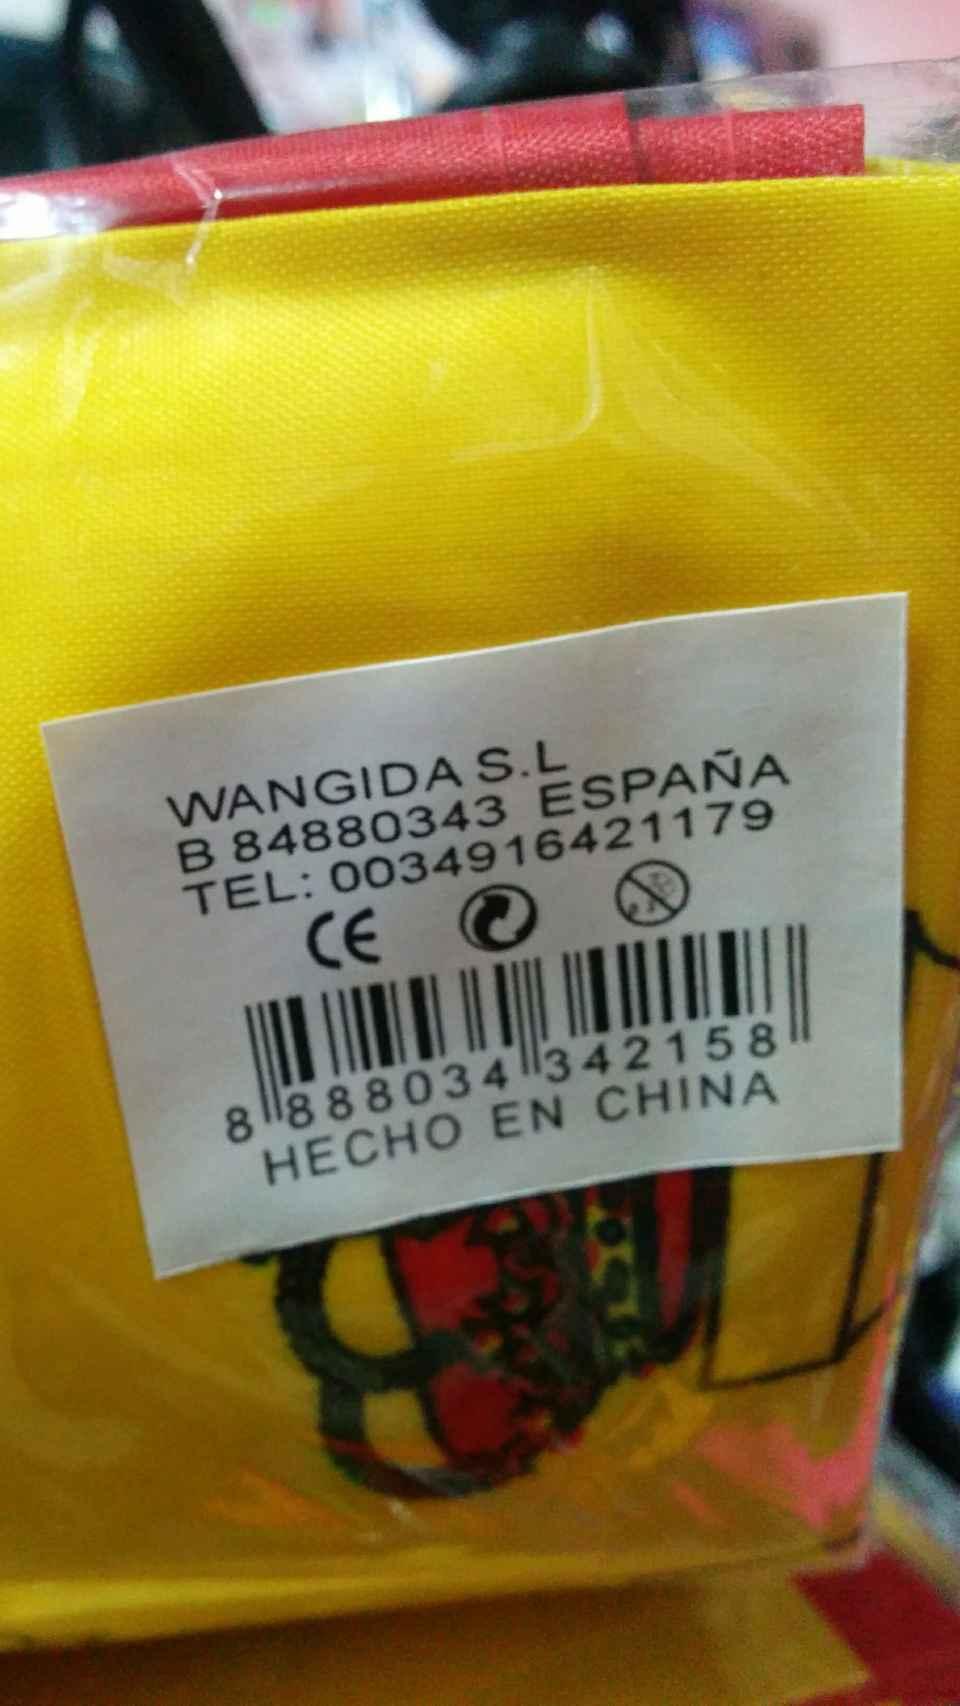 Etiqueta de los productos españolistas vendidos en comercios chinos: todos llevan a Cobo Calleja